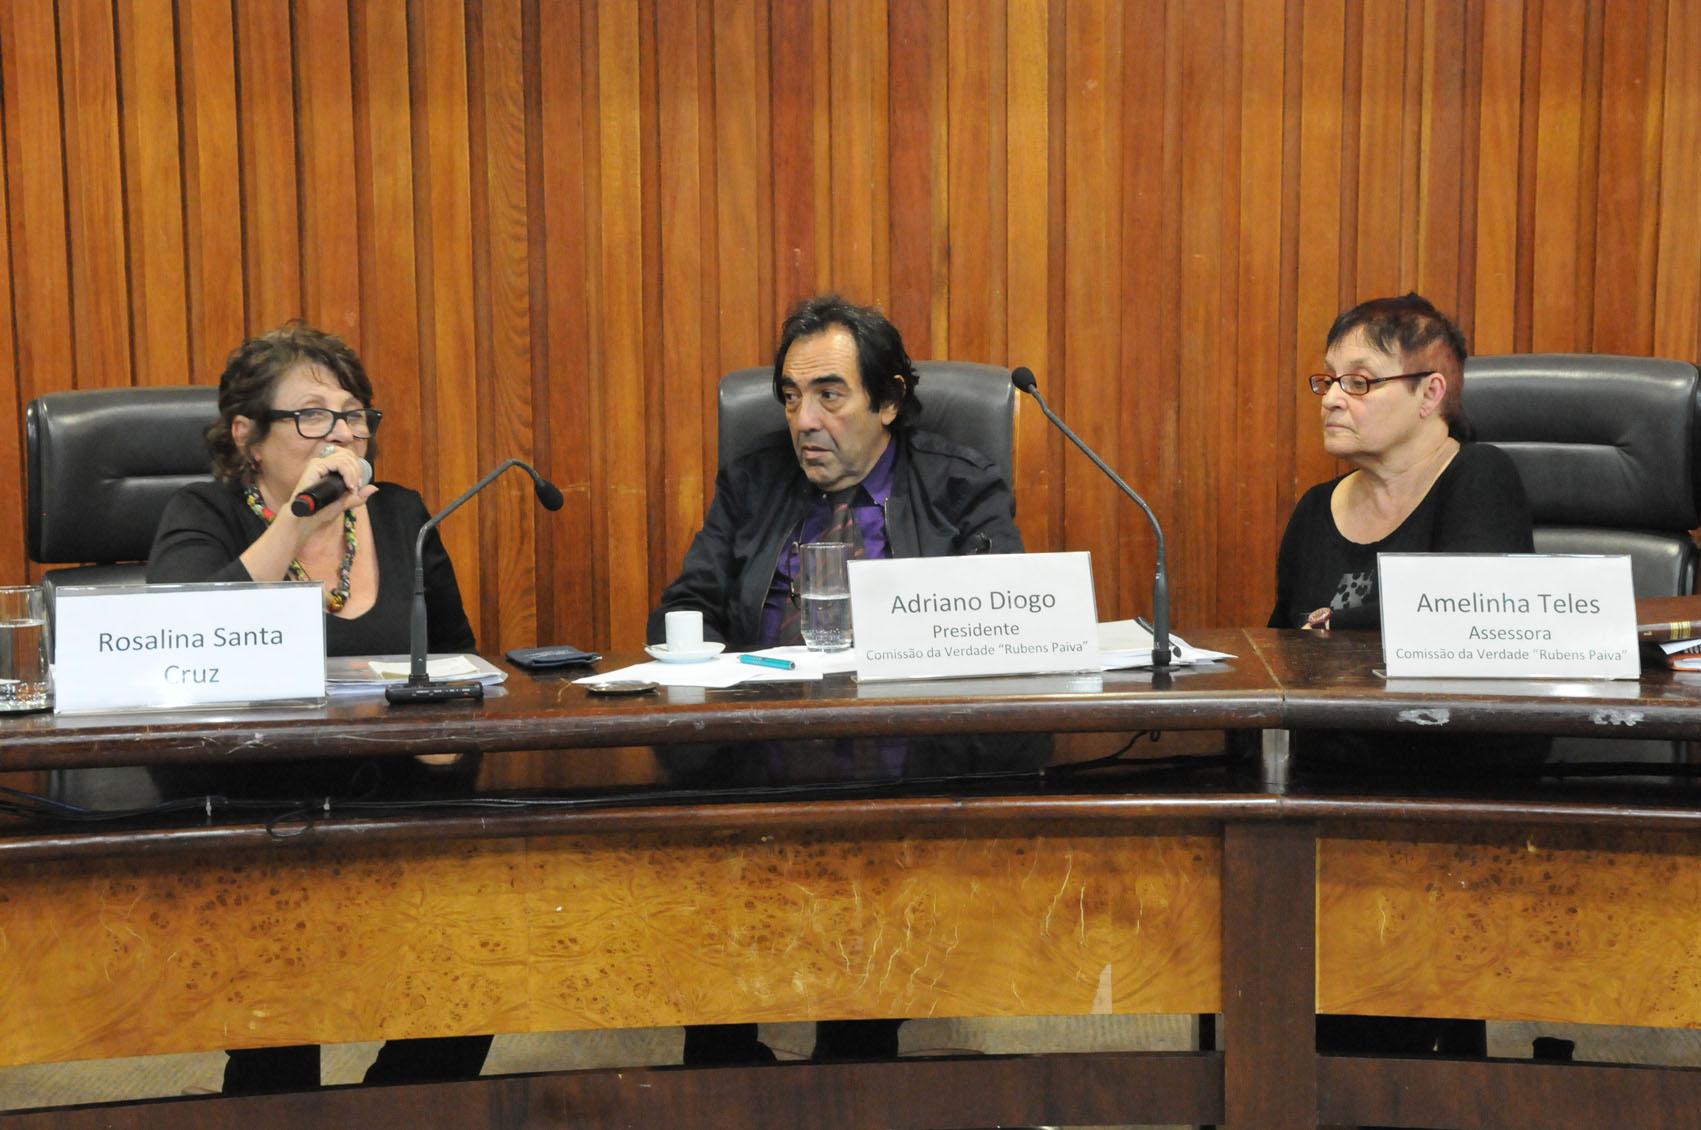 Rosalina Santa Cruz, Adriano Diogo e Amelinha Teles